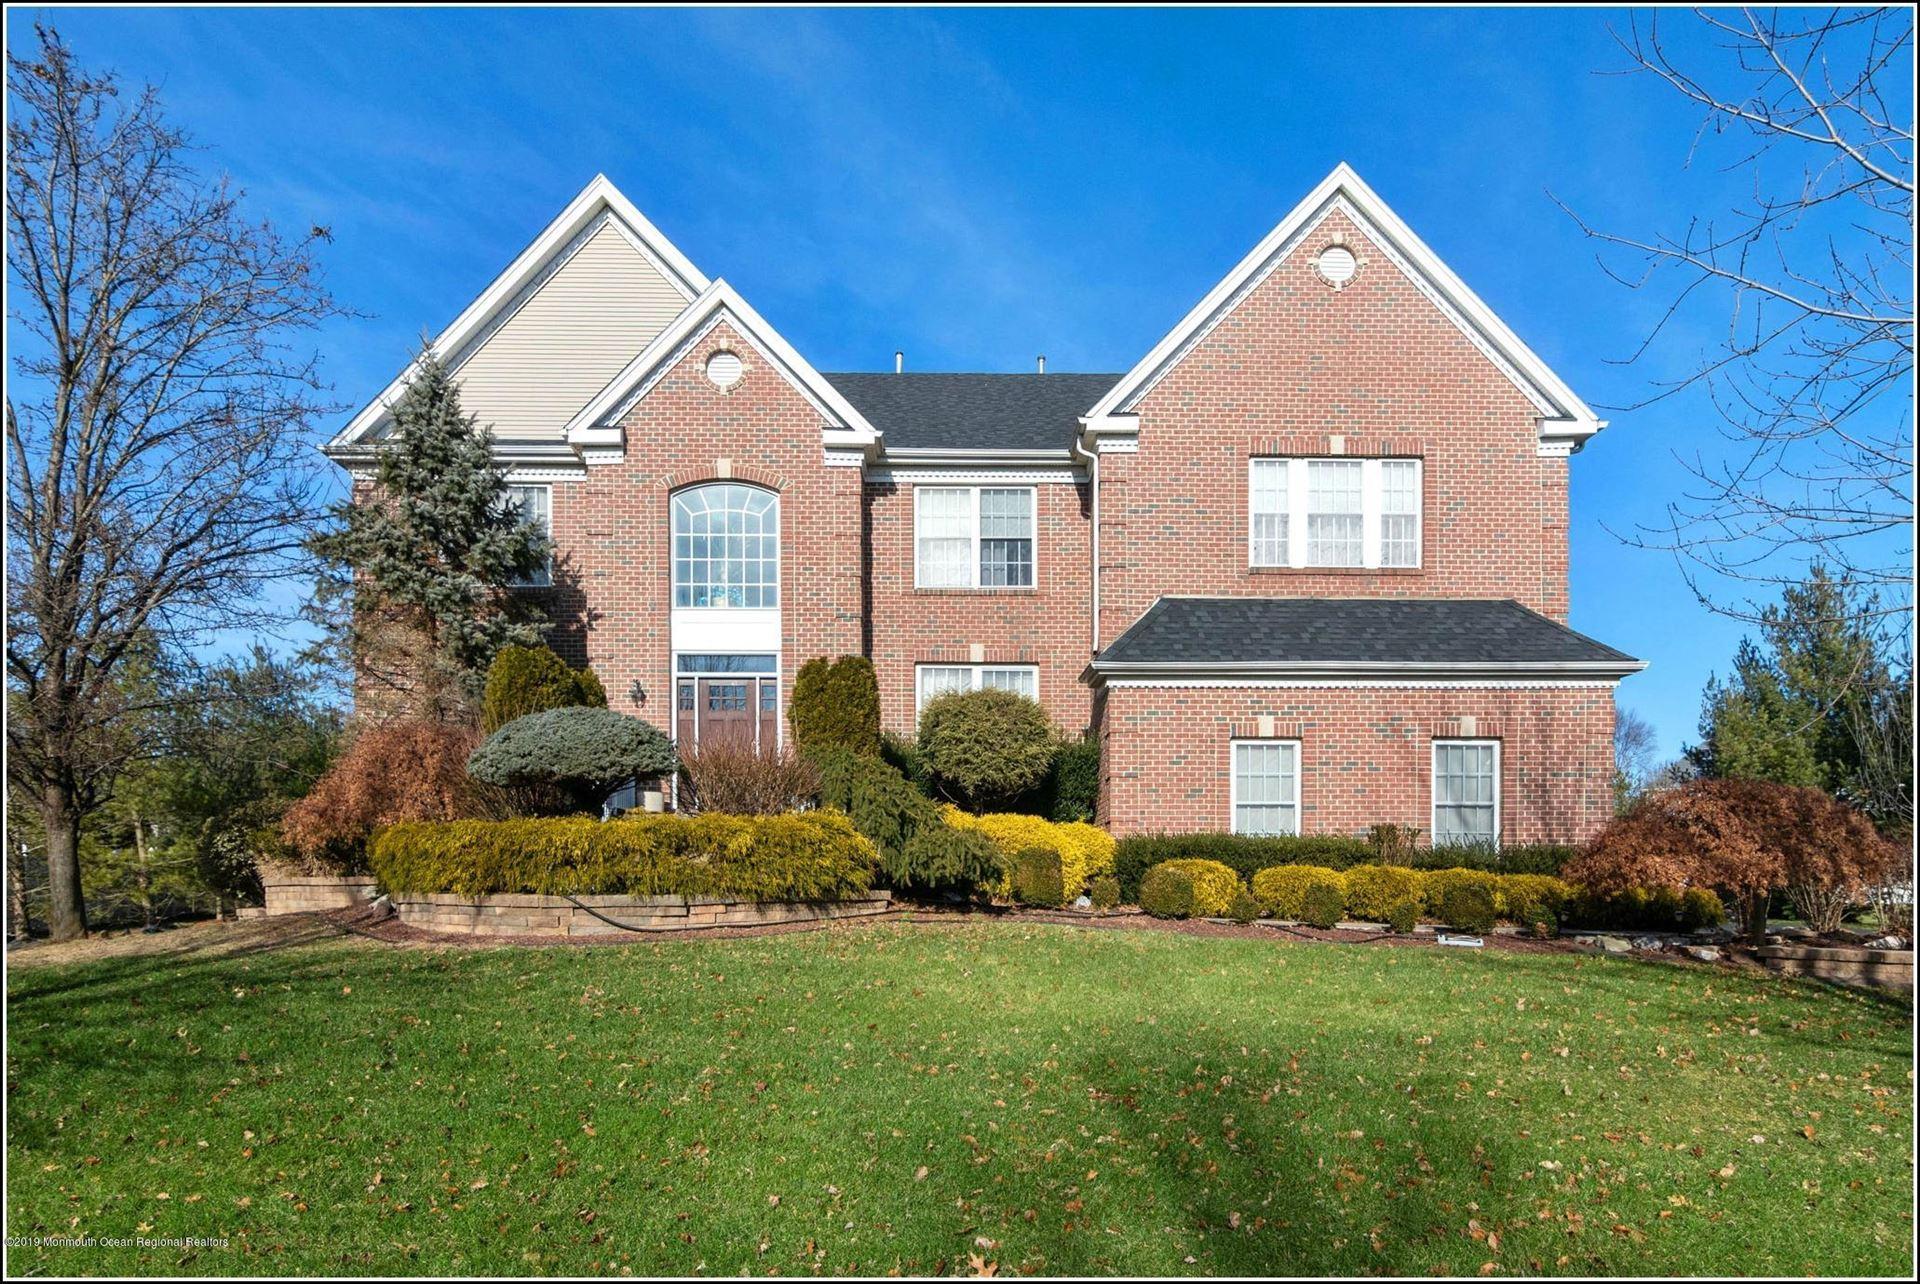 304 Congressional Drive, Morganville, NJ 07751 - MLS#: 21949164